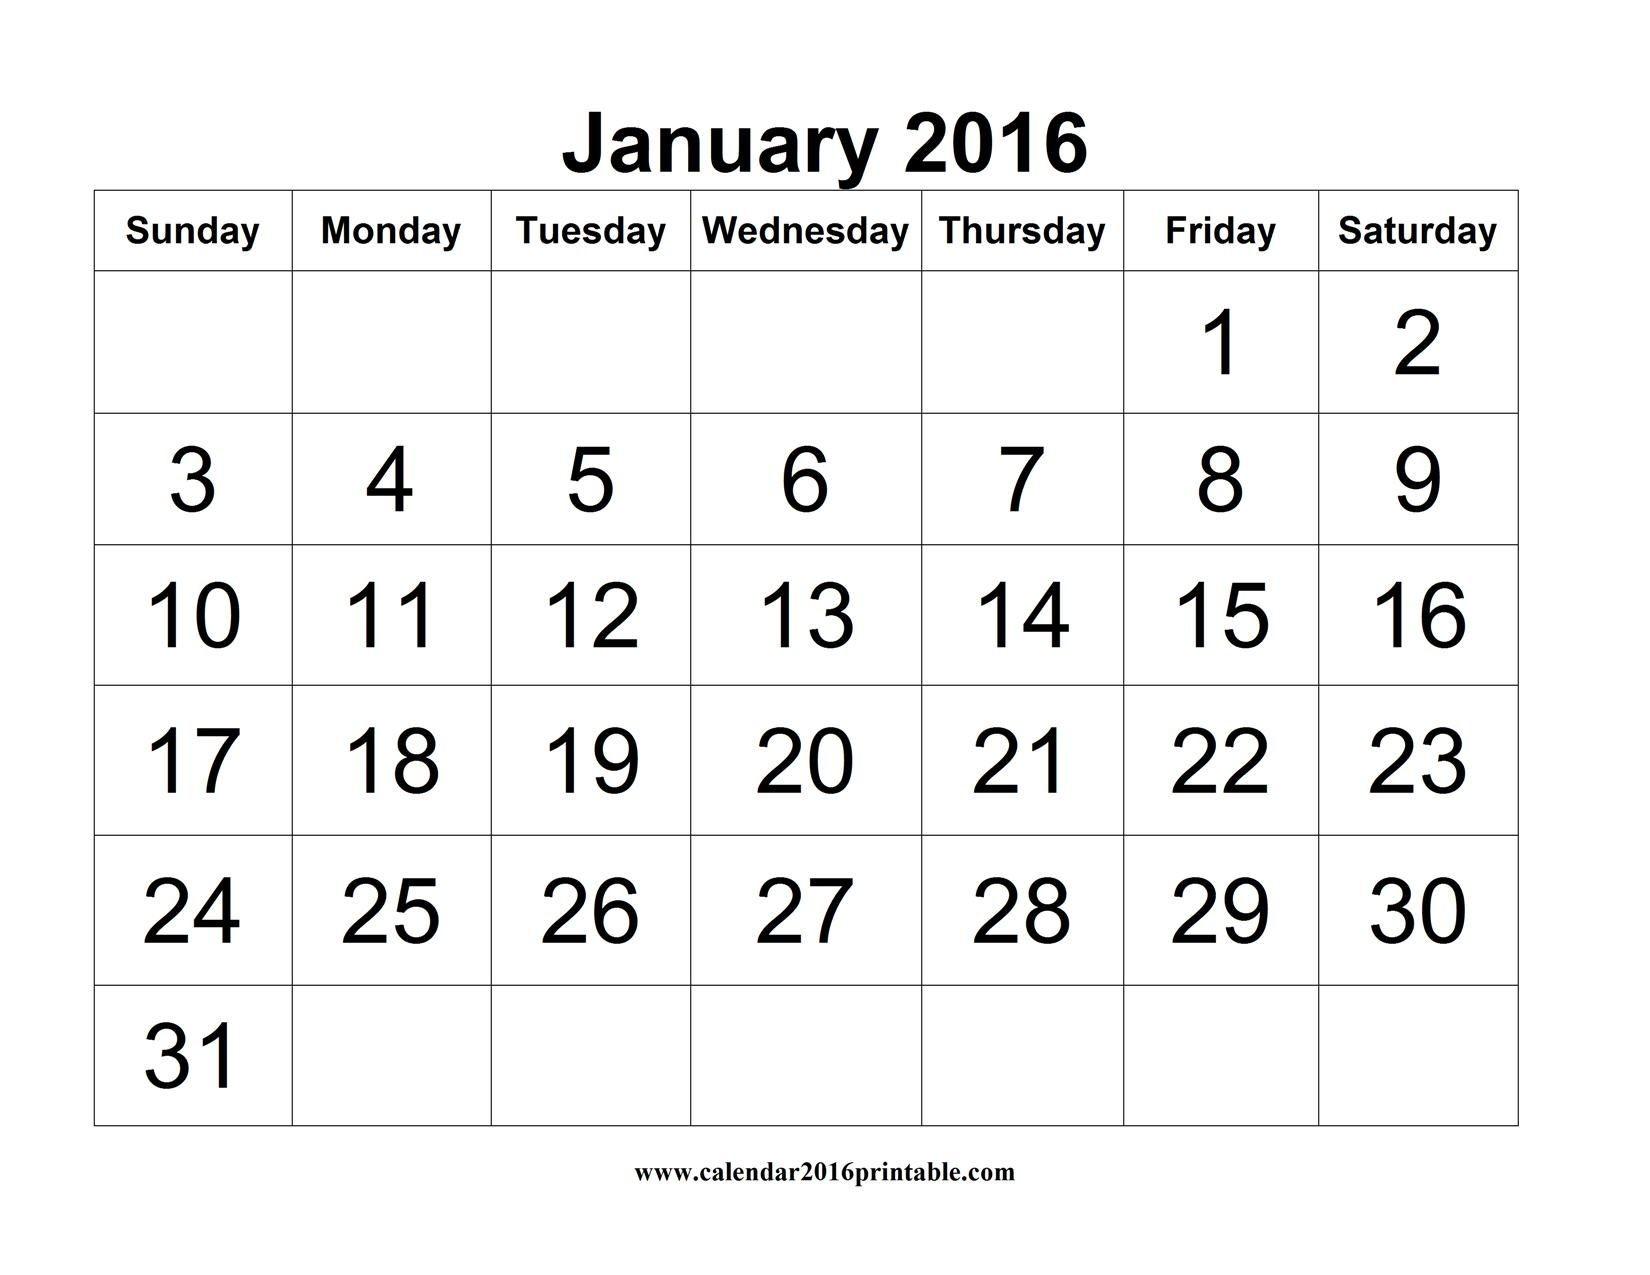 Calendario Agosto Para Imprimir 2016 Más Recientemente Liberado January 2016 Calendar Printable Excel Free to and Print Of Calendario Agosto Para Imprimir 2016 Más Recientes Calendario Para El A±o 2018 Con Manzanas En La Rama De Agosto — Foto